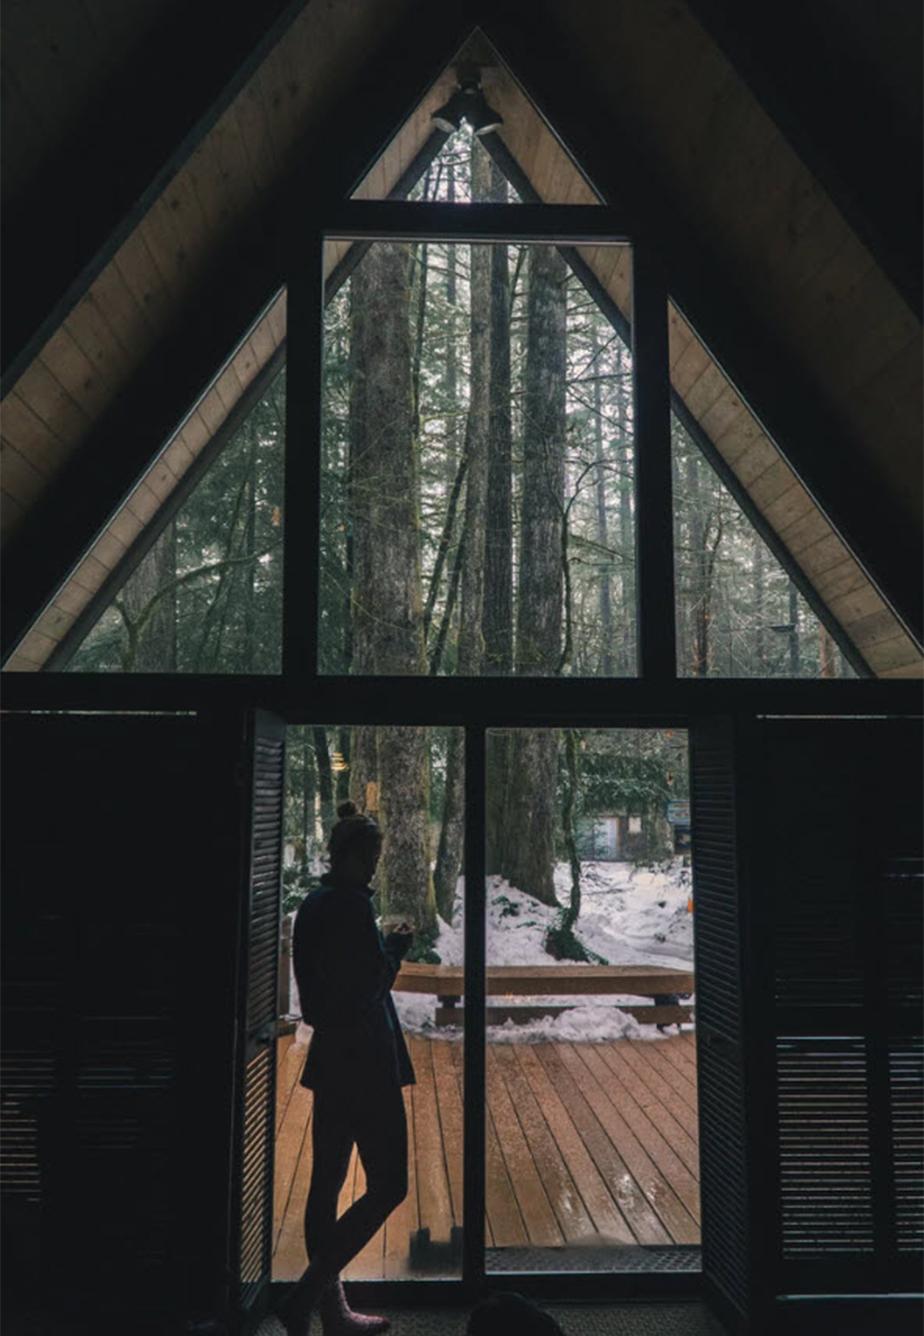 Foto de invierno tomada desde el interior de una casa